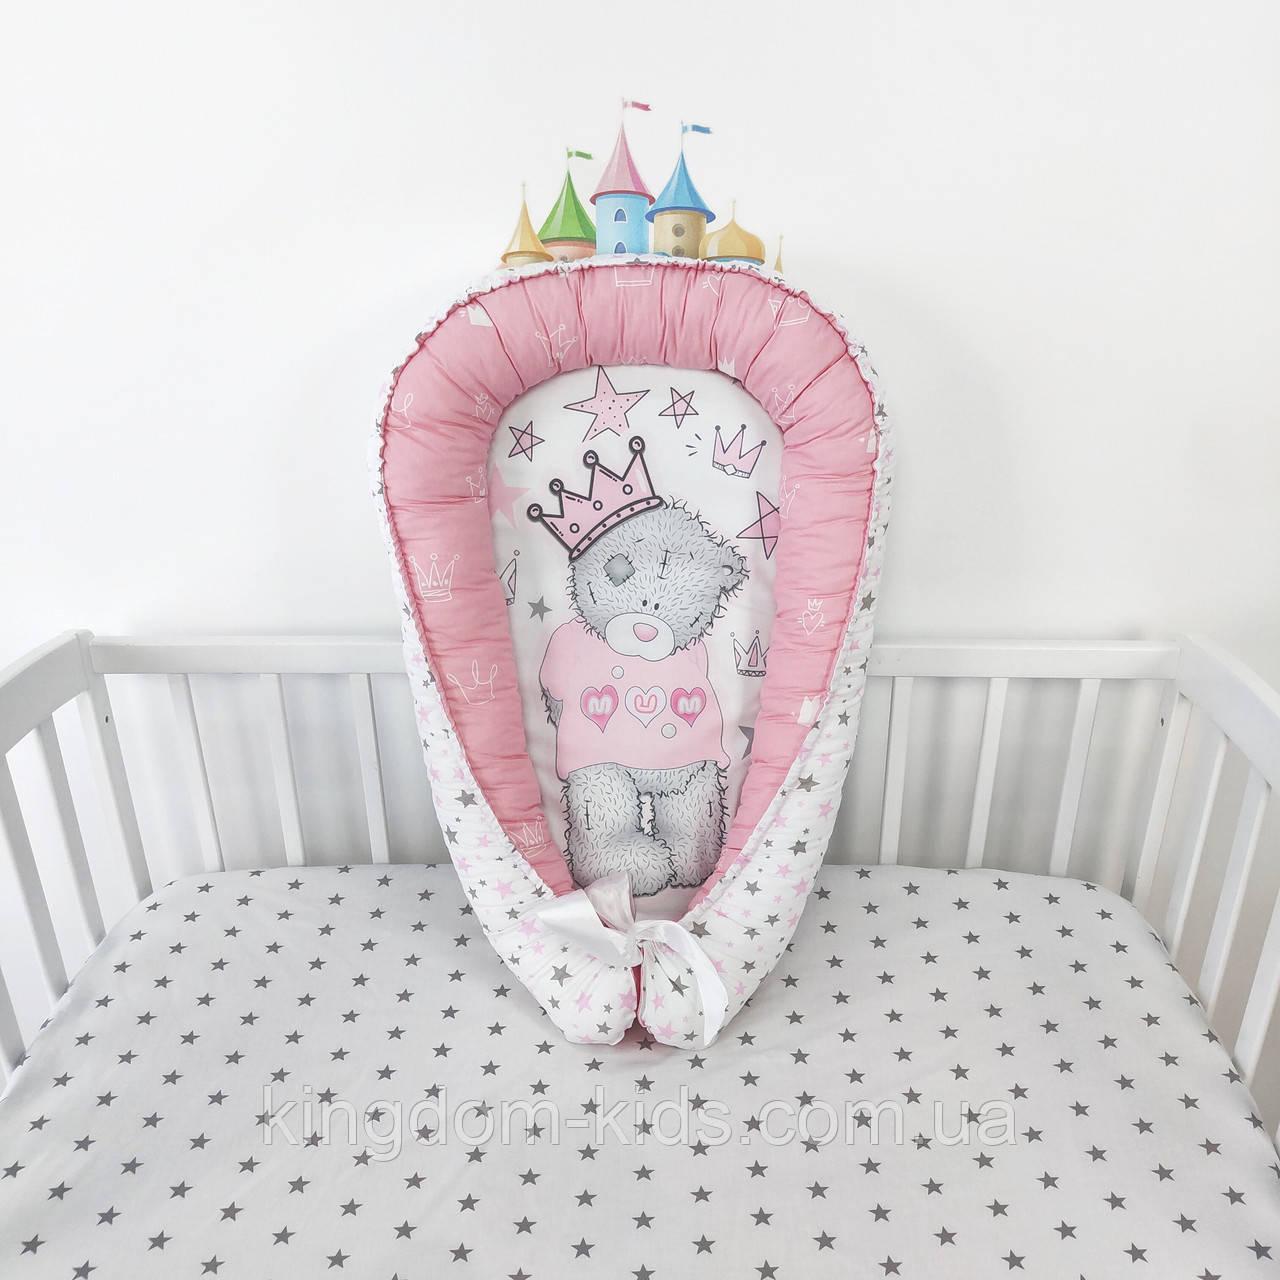 Кокон-позиционер для сна с мишкой Тедди в розовых тонах со съемным матрасом